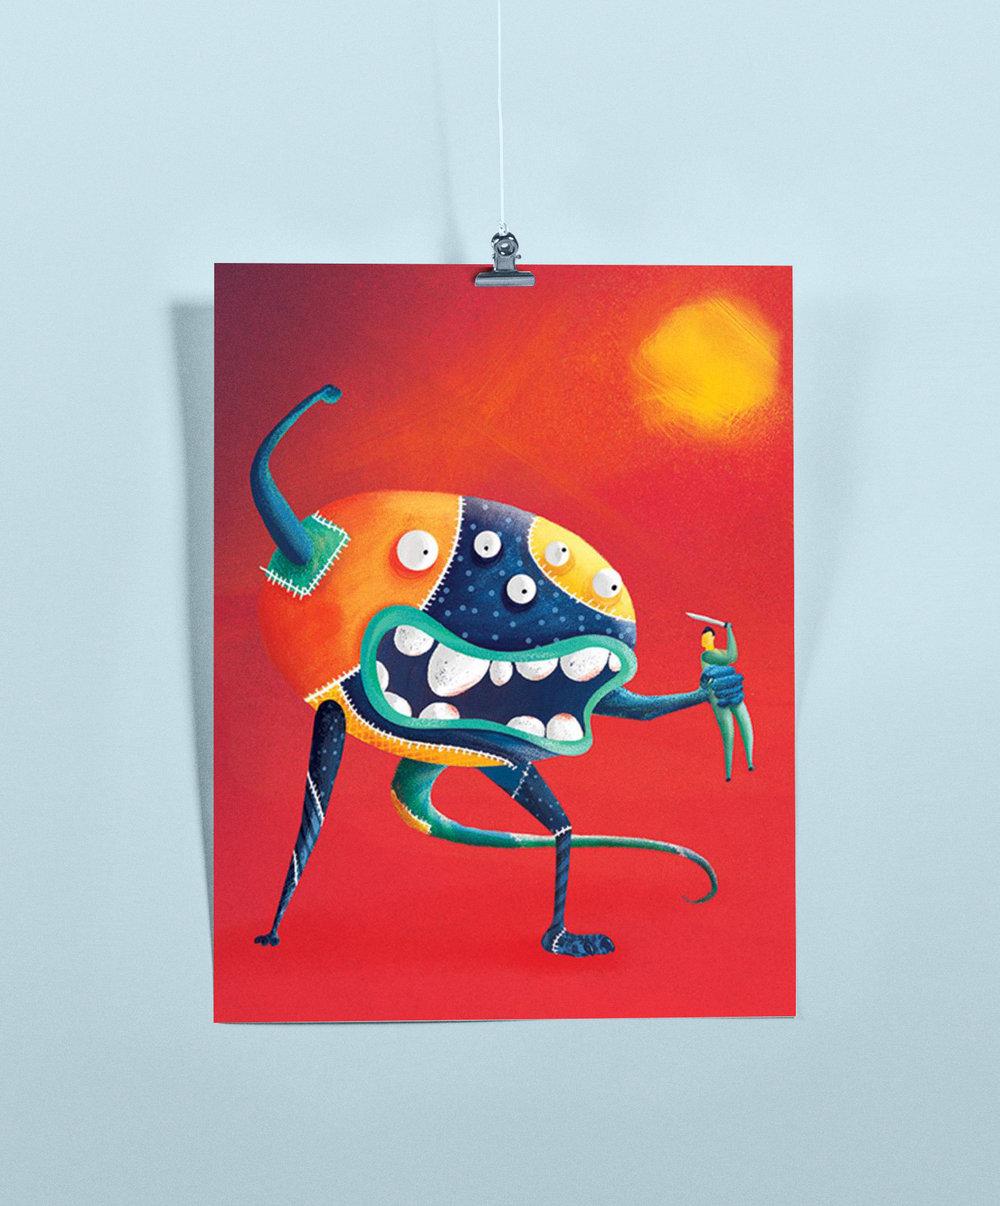 monster_illustration_framed.jpg